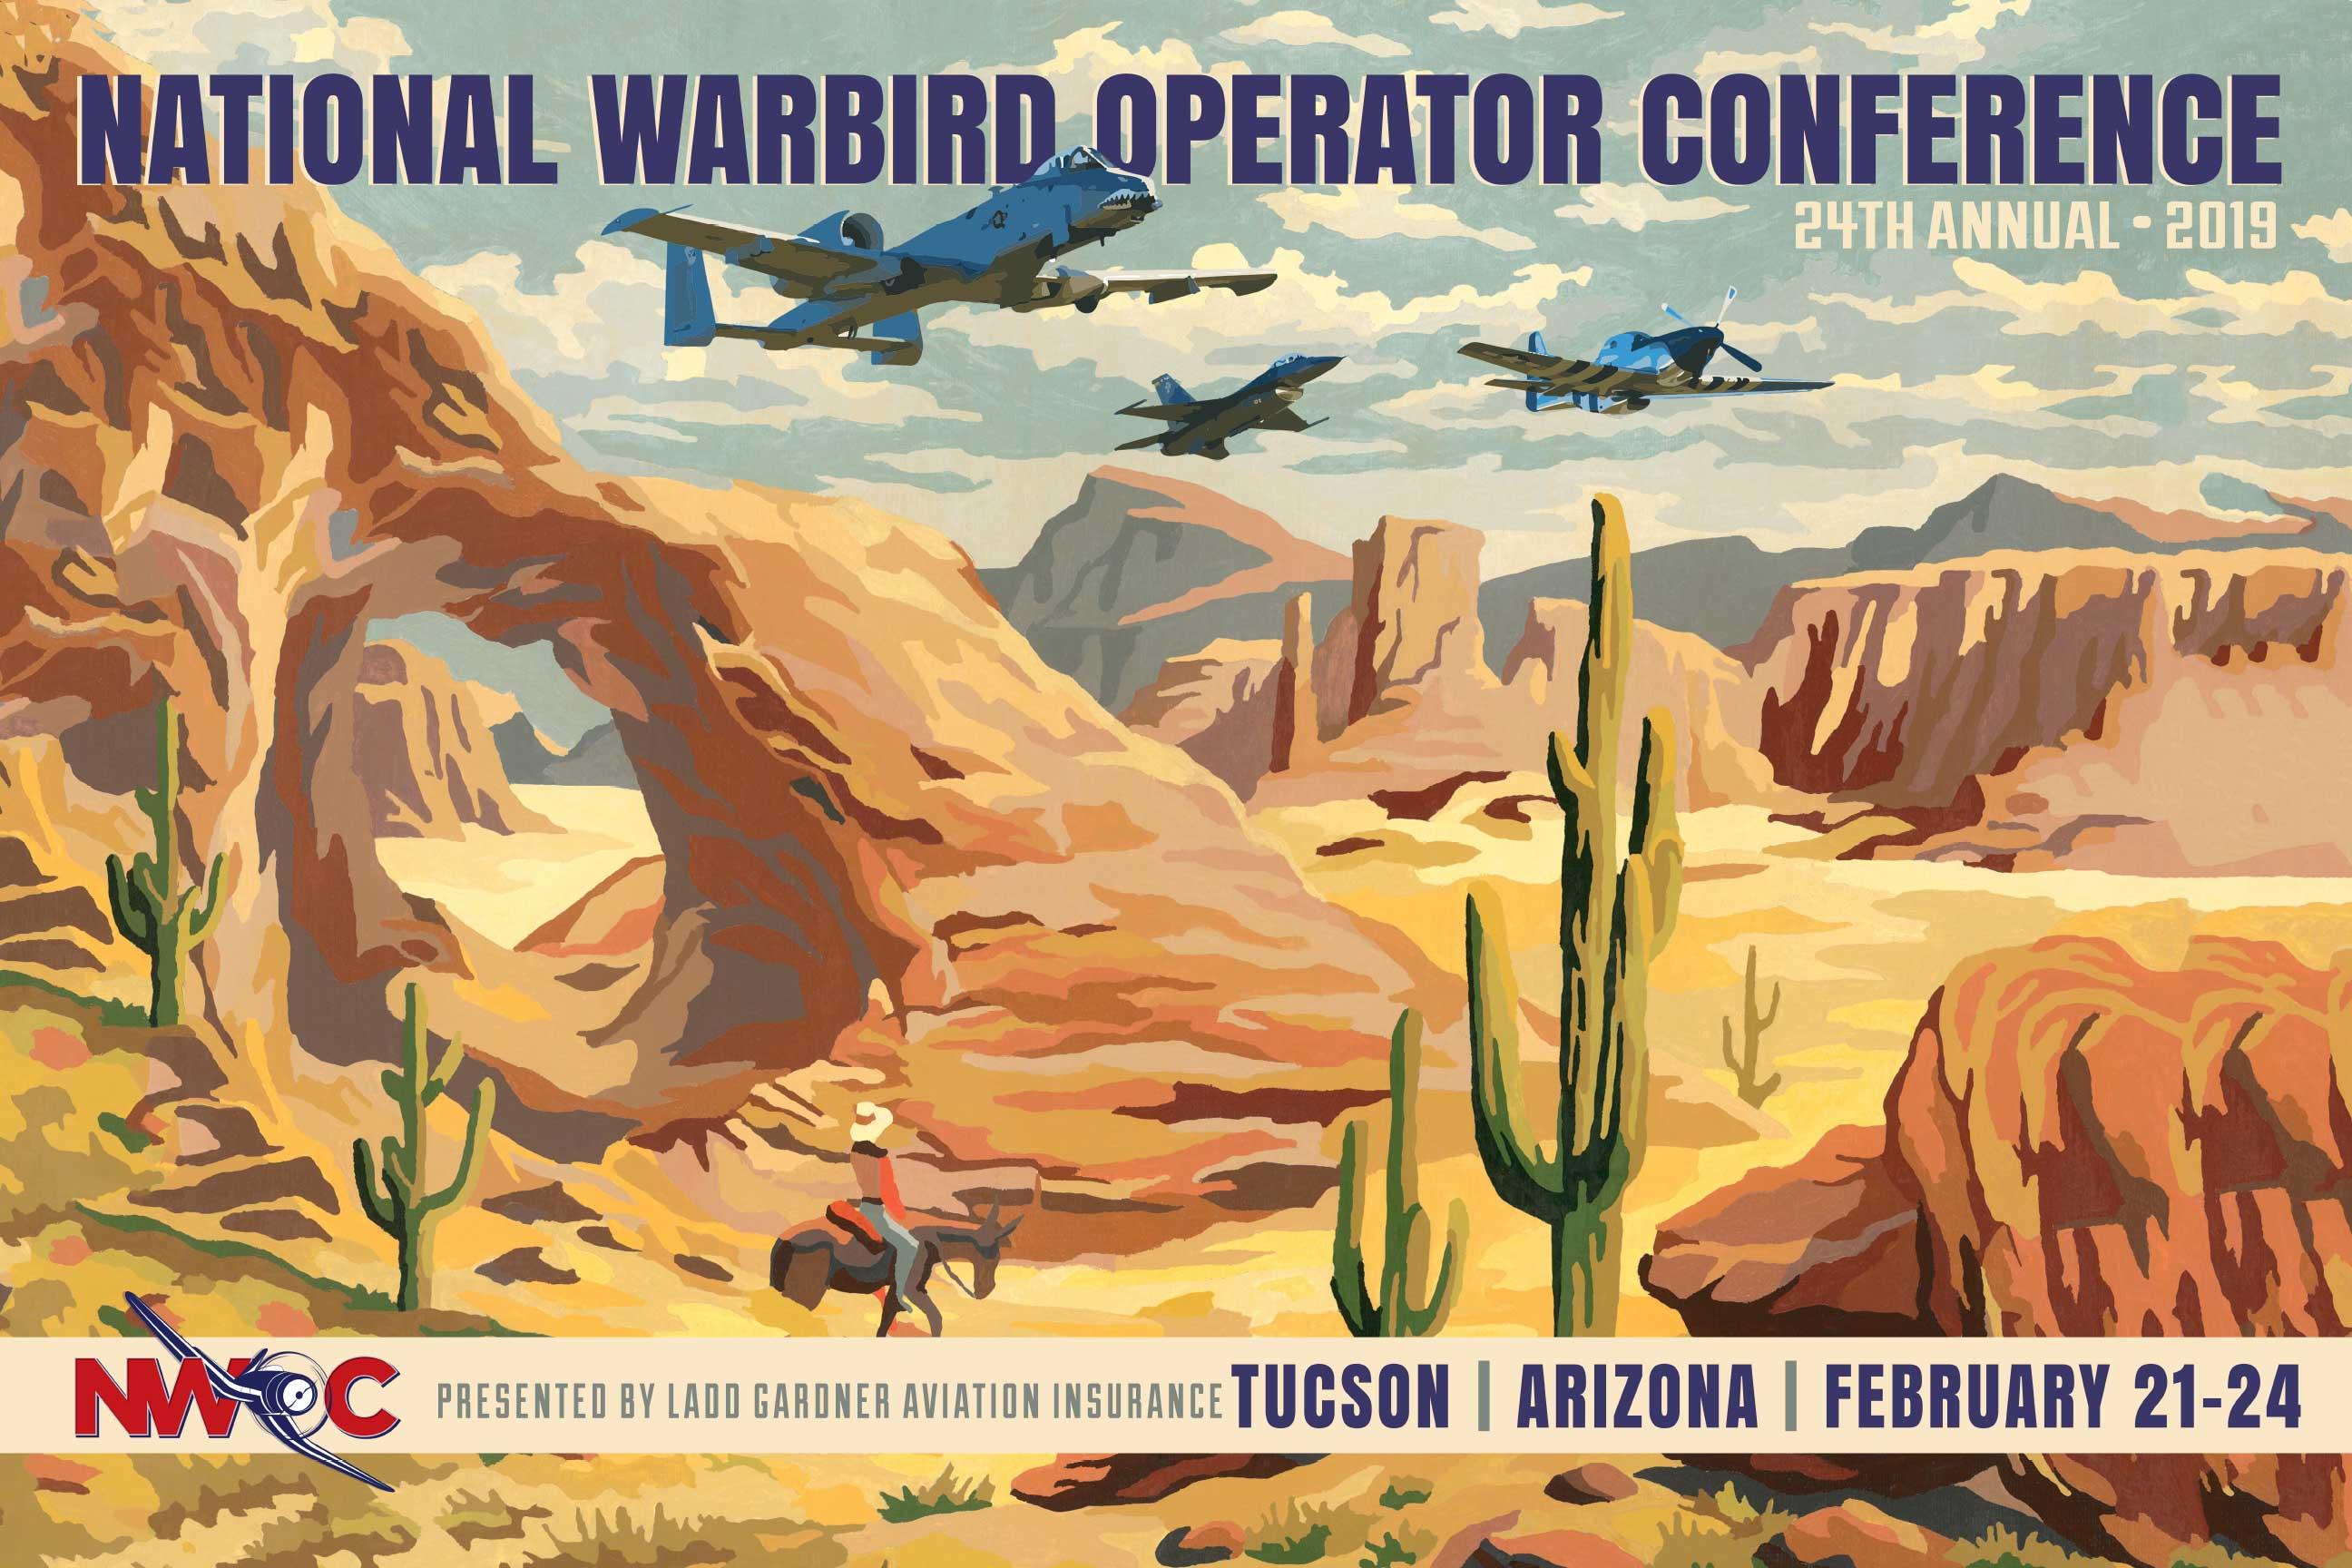 NWOC 2019 Tucson